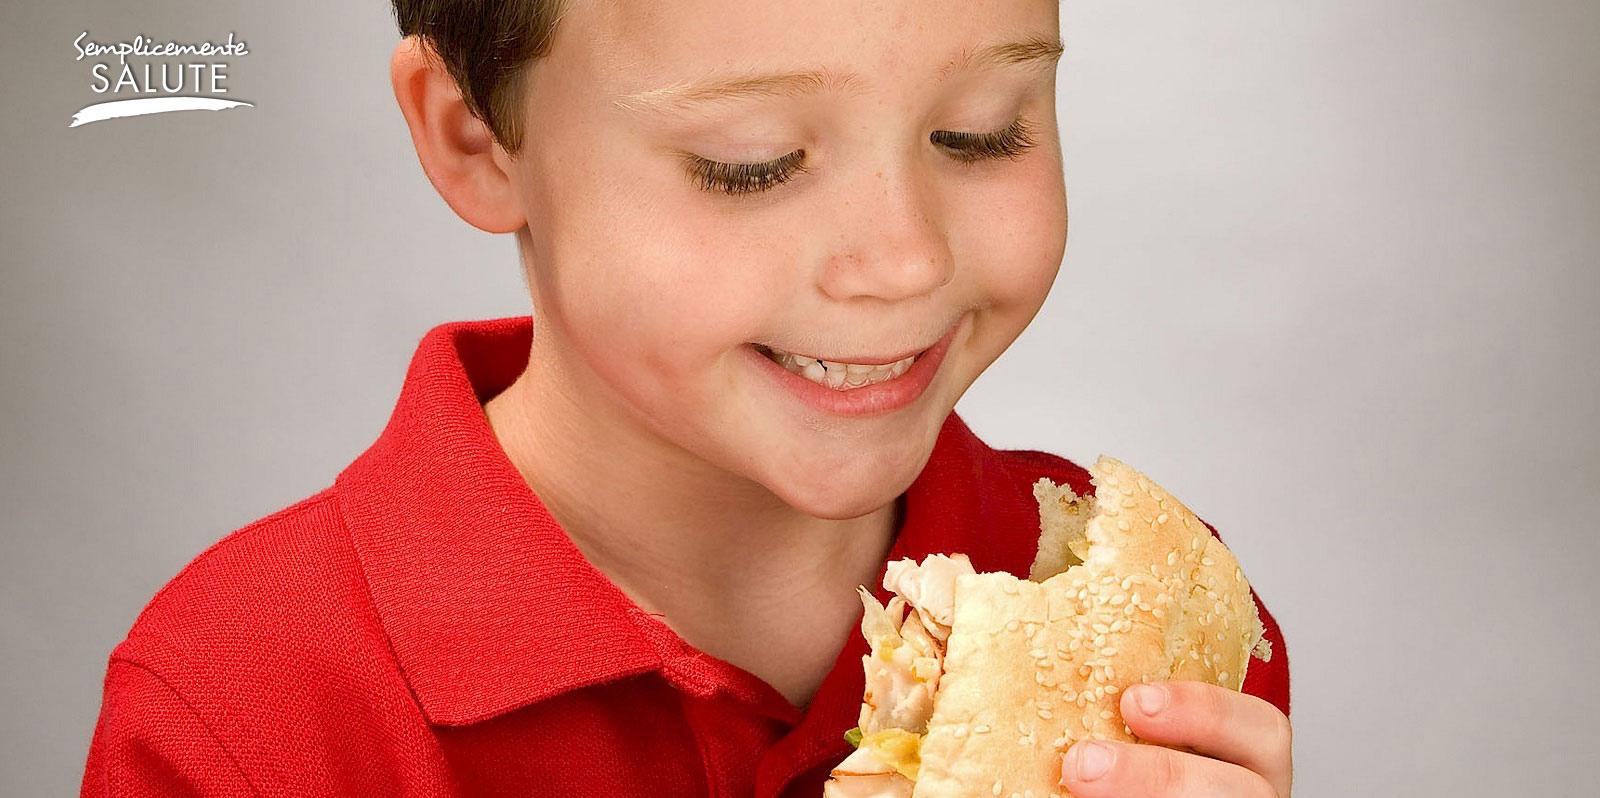 Educare al gusto da piccoli per evitare il sovrappeso da grandi